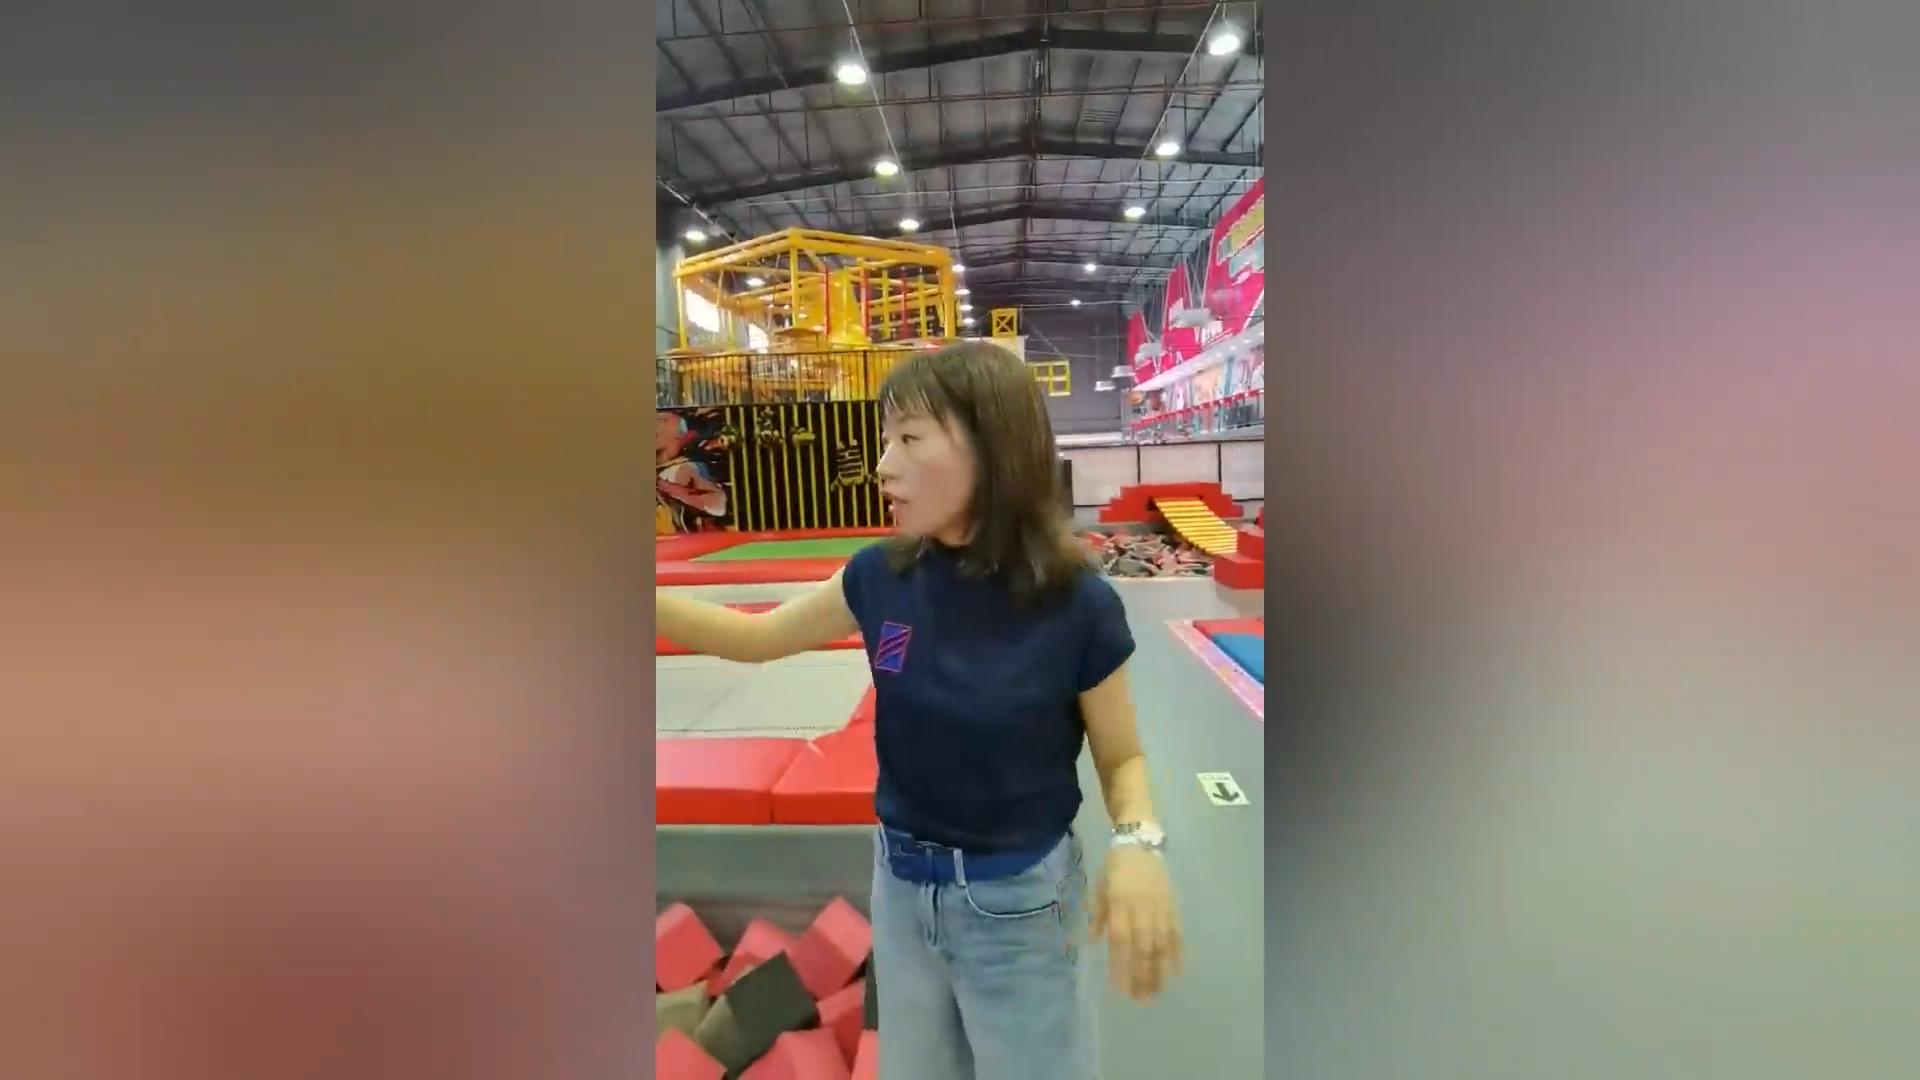 Commerciale coperta Salto Bambino Adulto Rimbalzo Bambini Grande Trampolino Parco Con Sci Scivolo